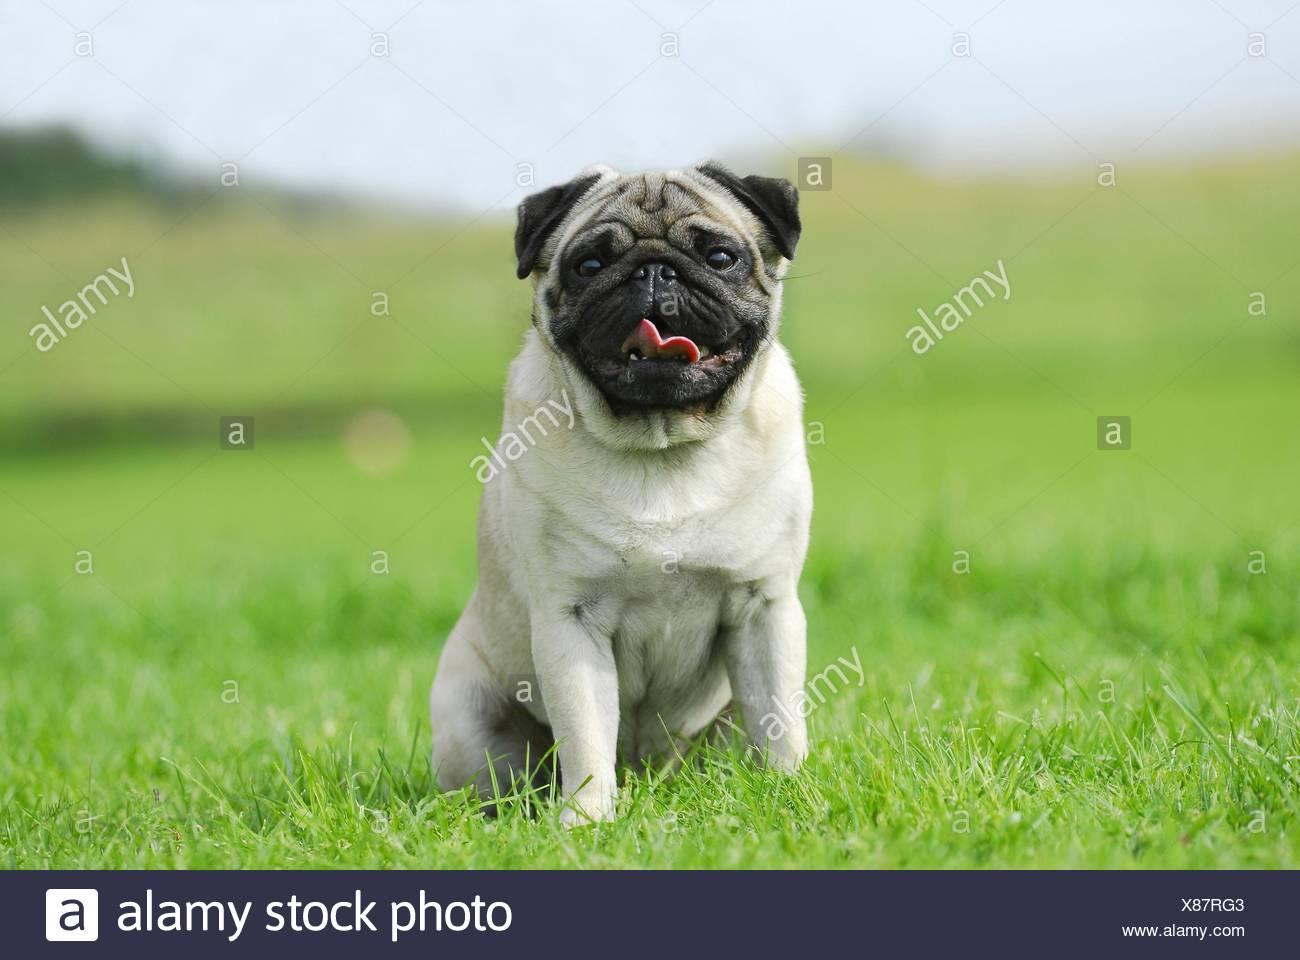 pug - Stock Image